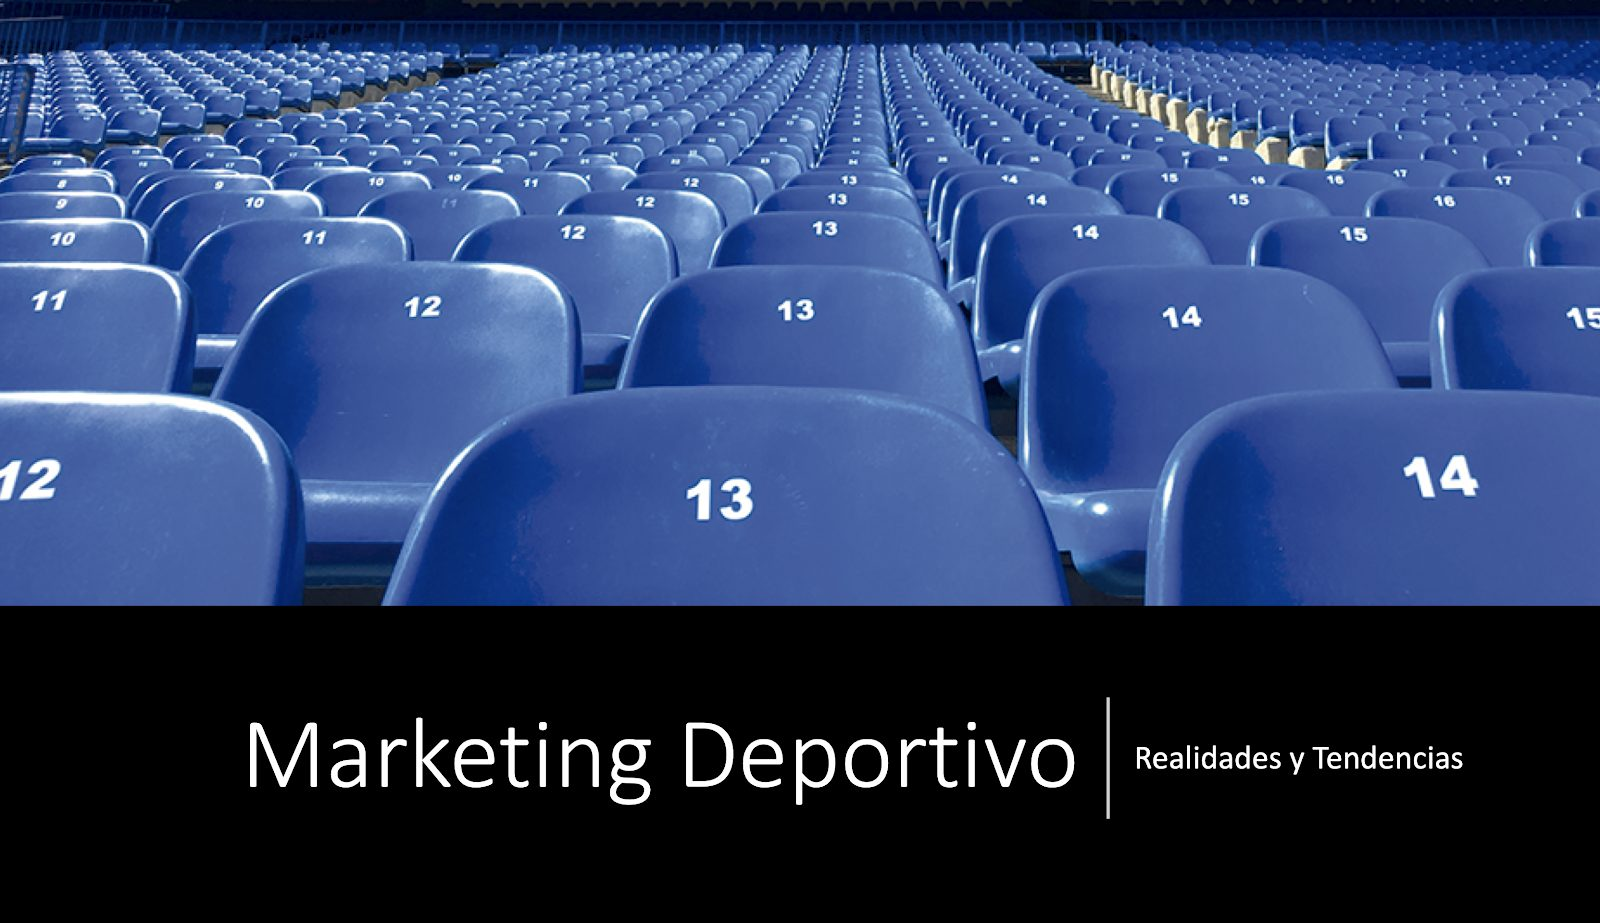 Marketing deportivo - Realidades y tendencias